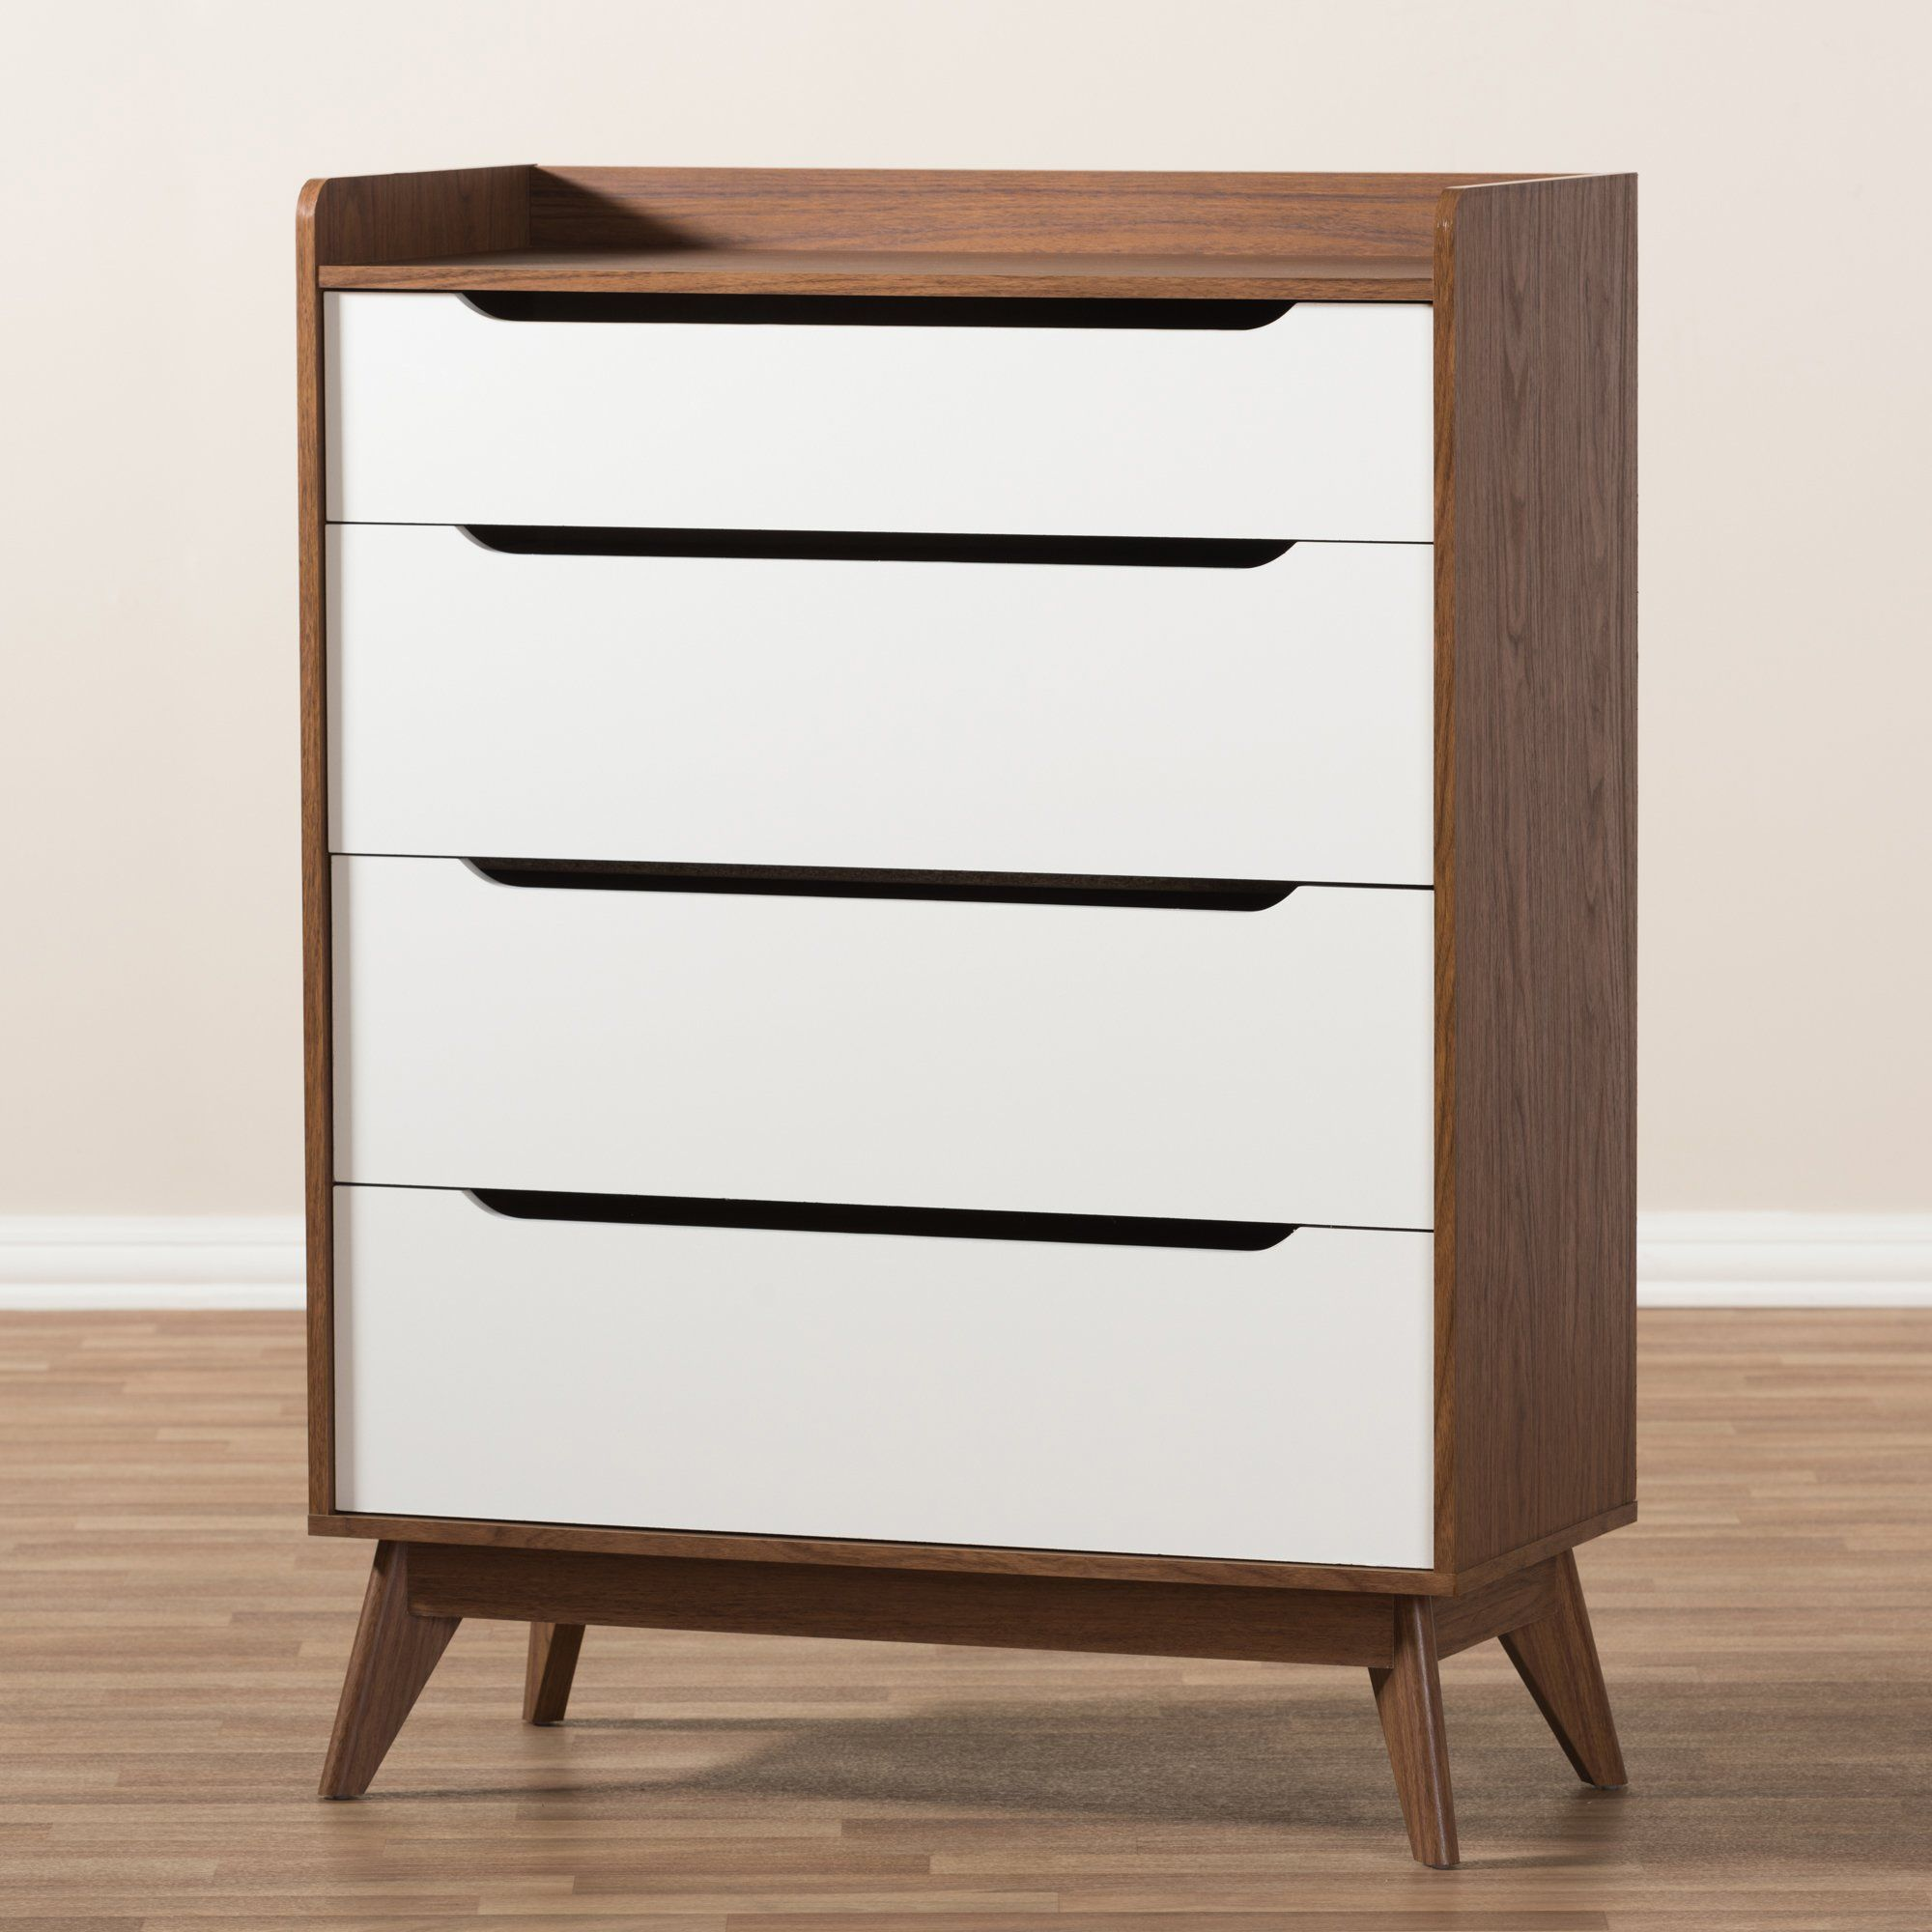 Brydon 4 Drawer Walnut Chest Mid Century Modern Wood 3 Drawer Storage Storage Drawers